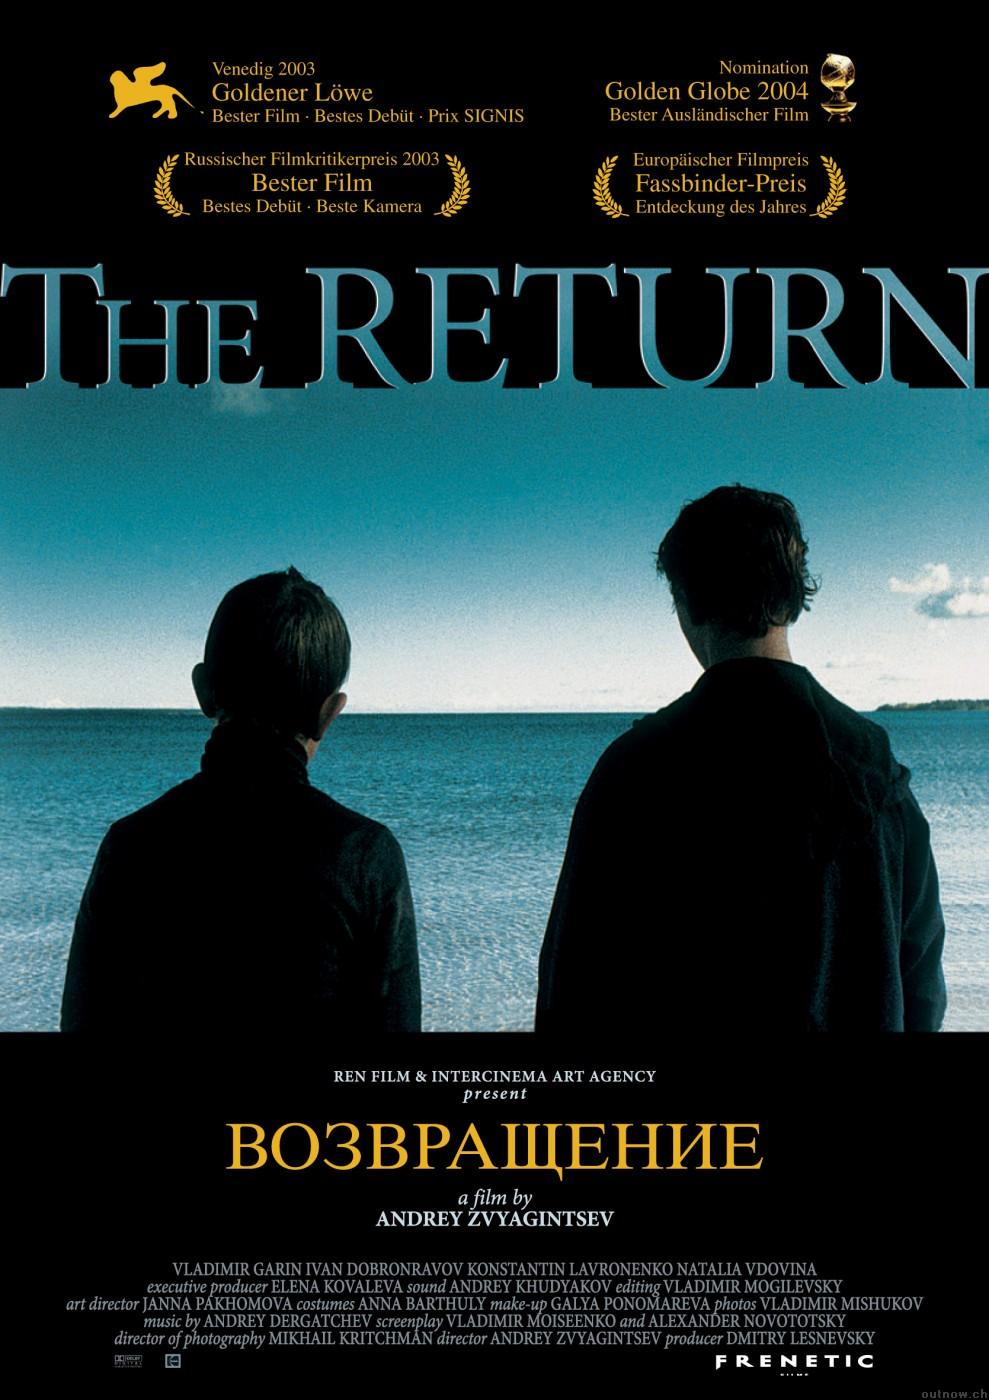 the return poster 1.jpg